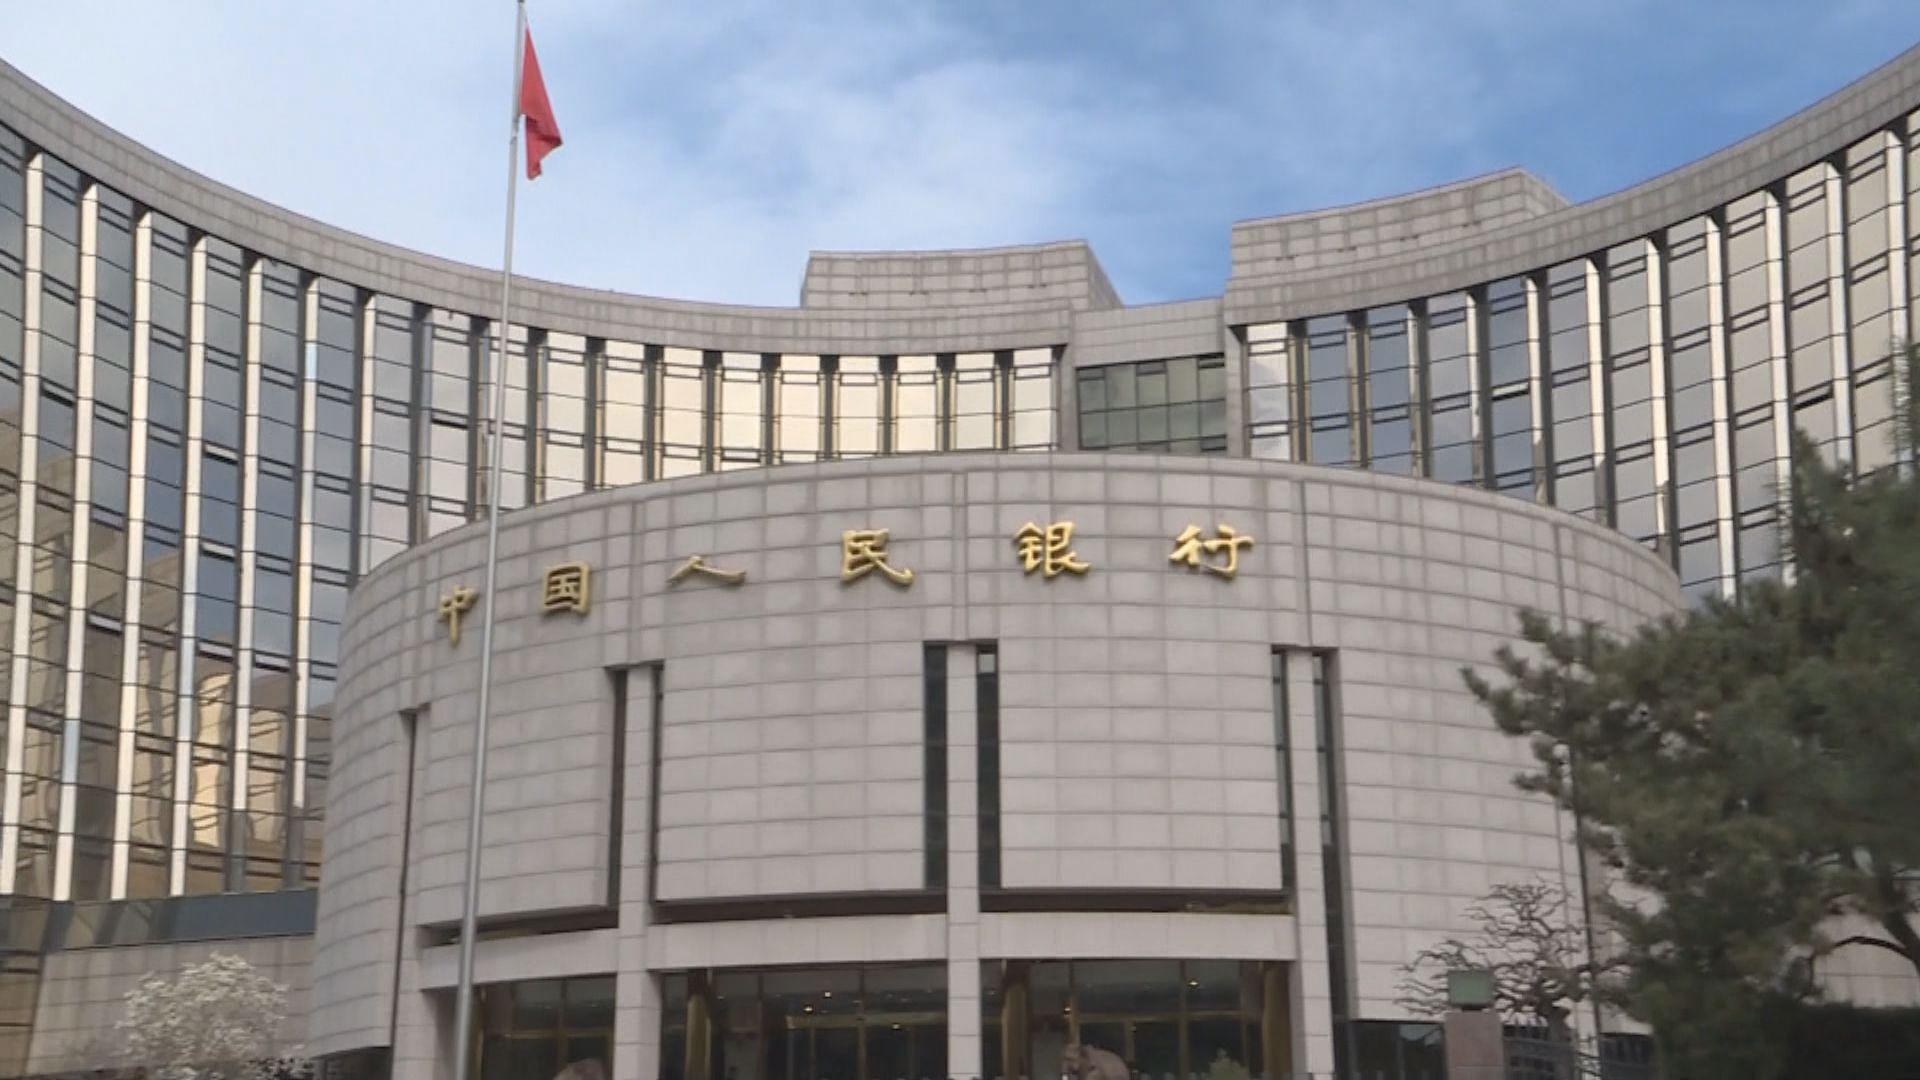 人行官員:降準是常規操作 穩健貨幣政策取向沒有改變